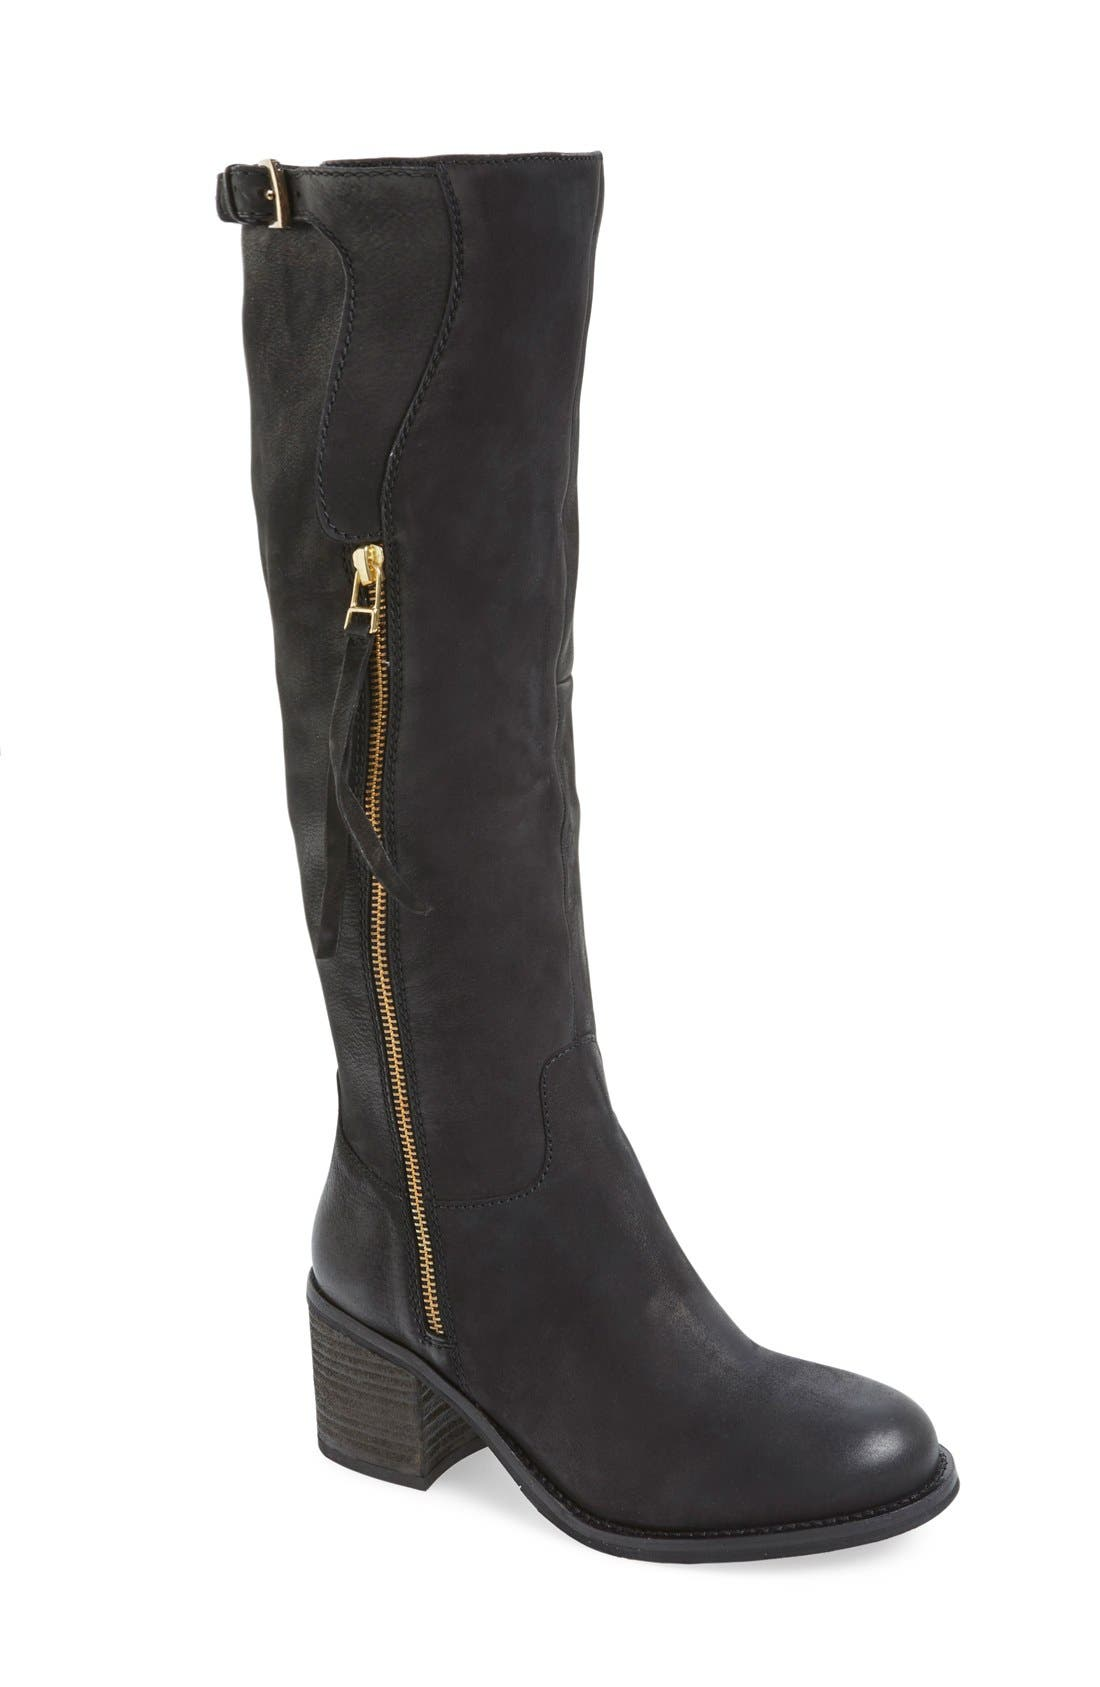 Main Image - Steve Madden 'Antsy' Tall Boot (Women)